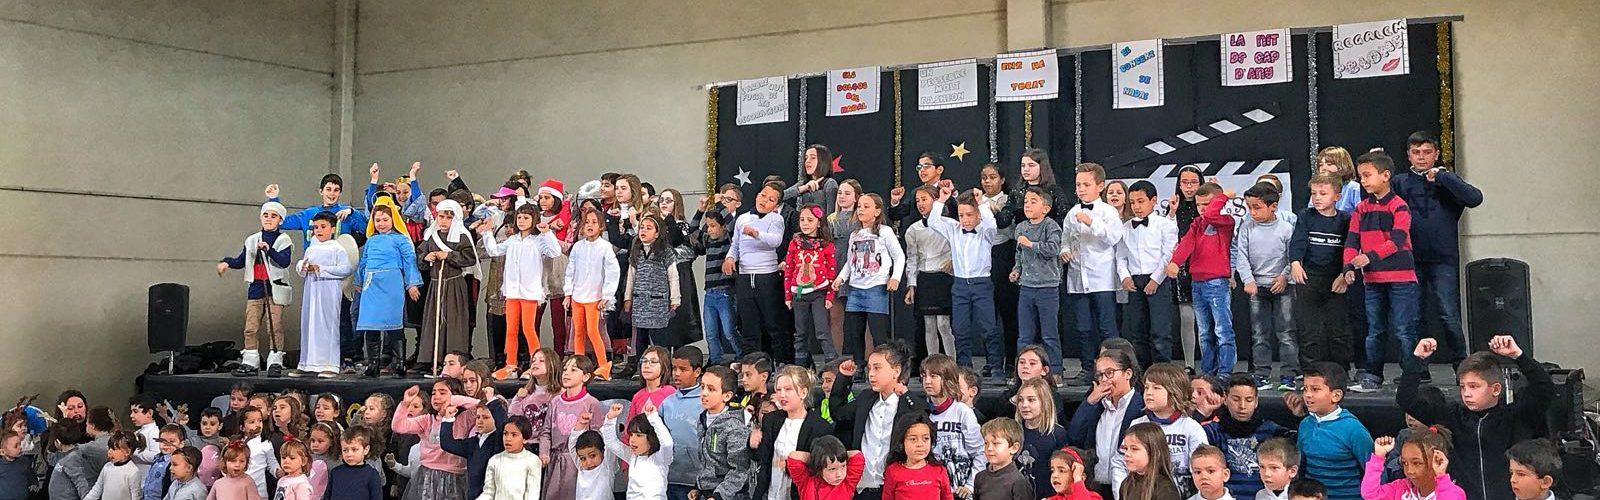 Trobada nadalenca dels escolars de La Jana, Canet i Cervera